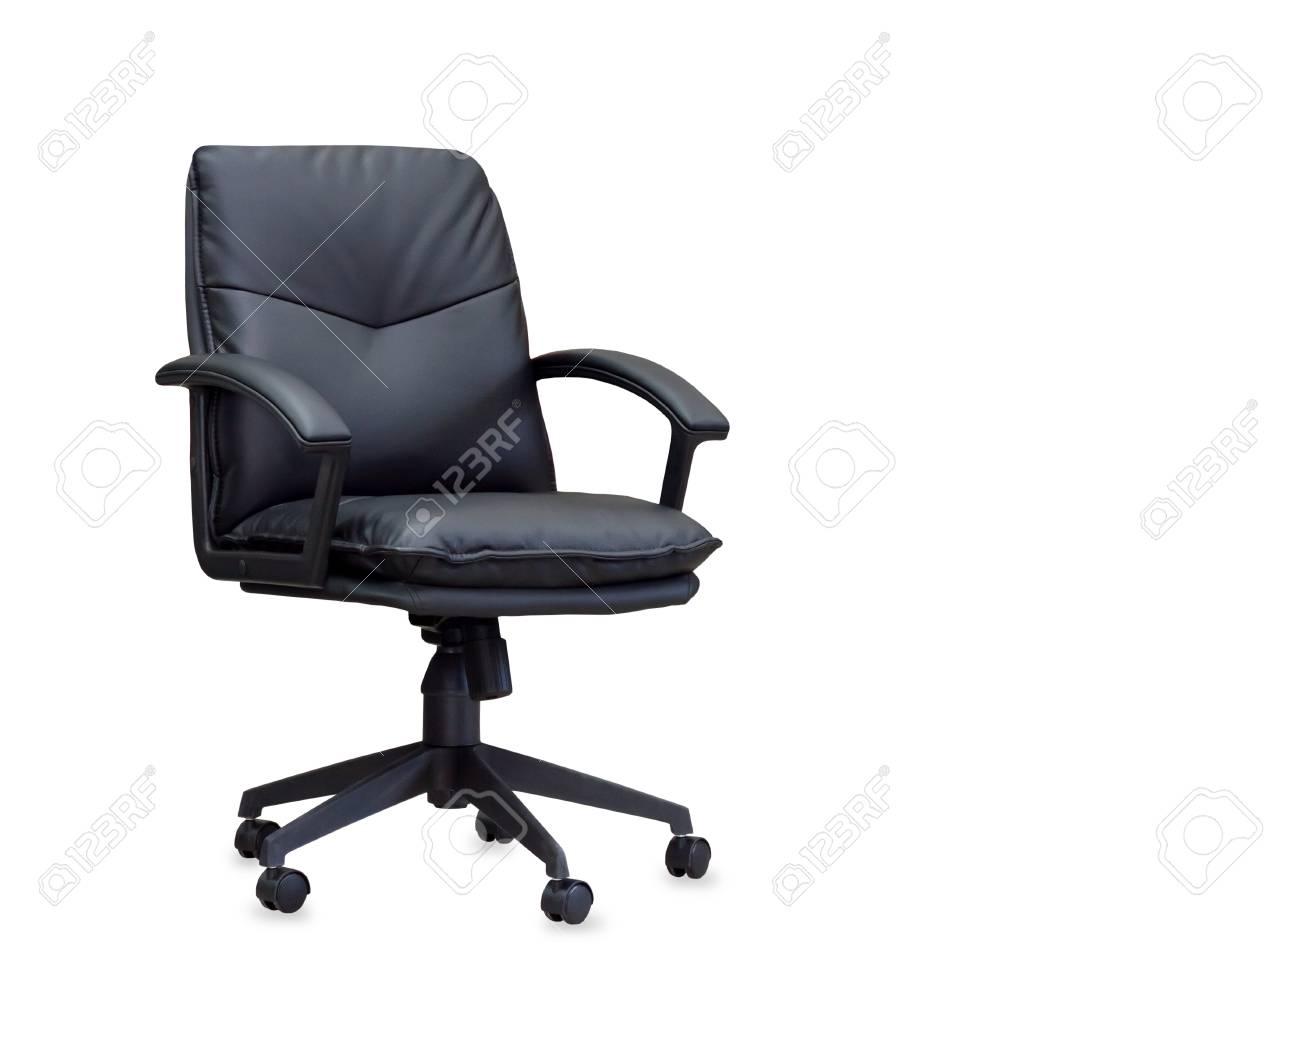 La poltrona da ufficio in pelle nera. isolato foto royalty free